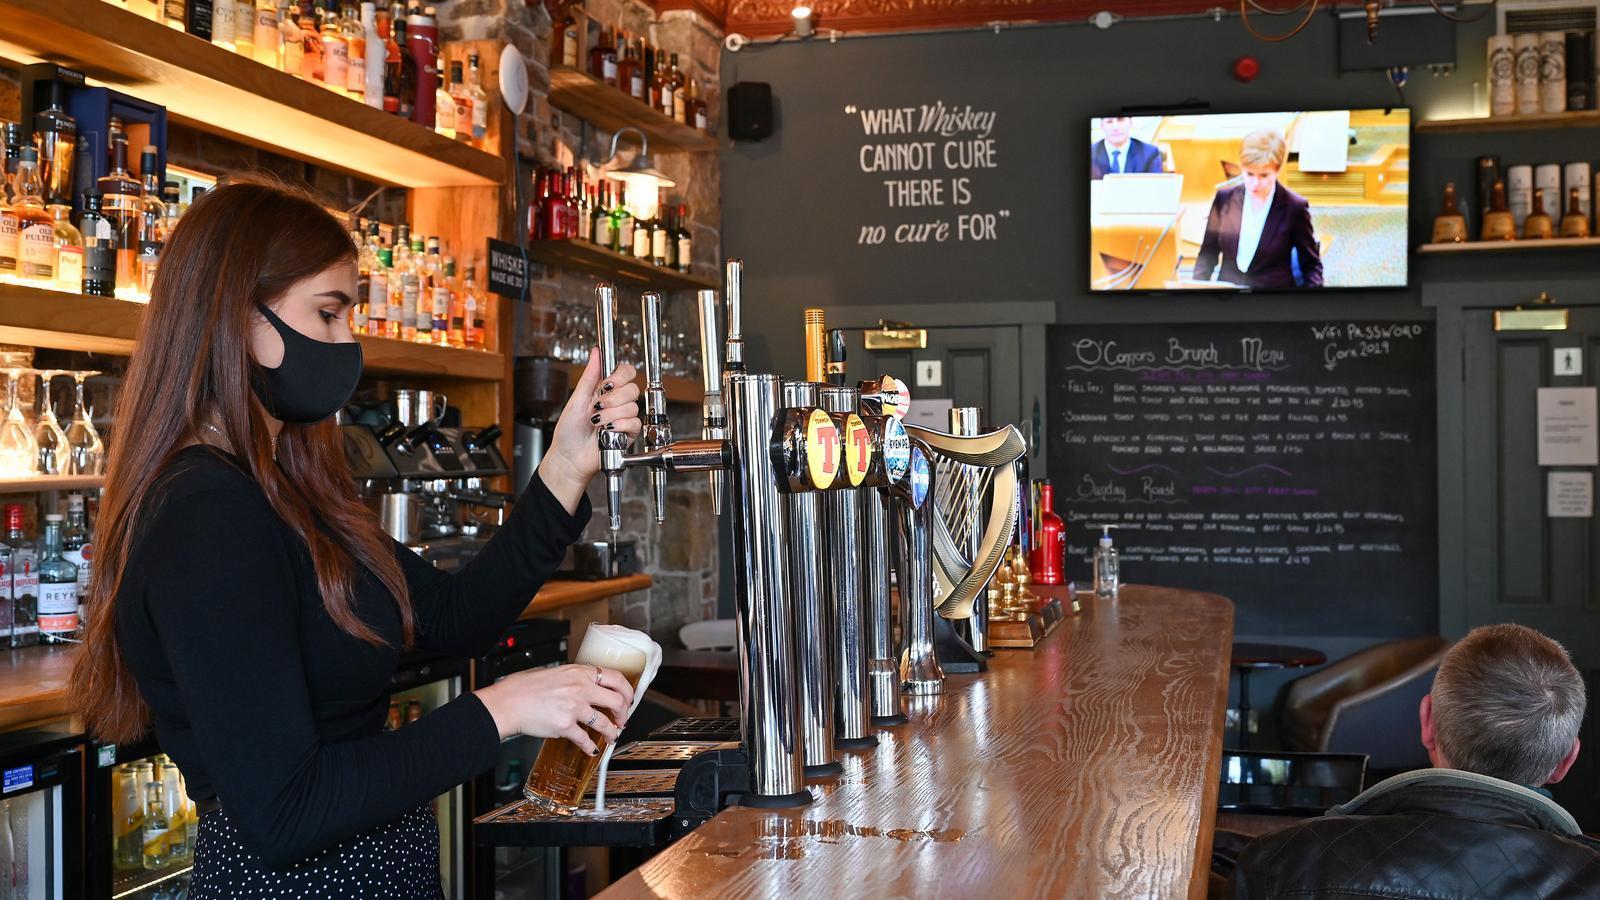 Els pubs hauran de tancar a partir de divendres a ciutats com Glasgow i Edimburg